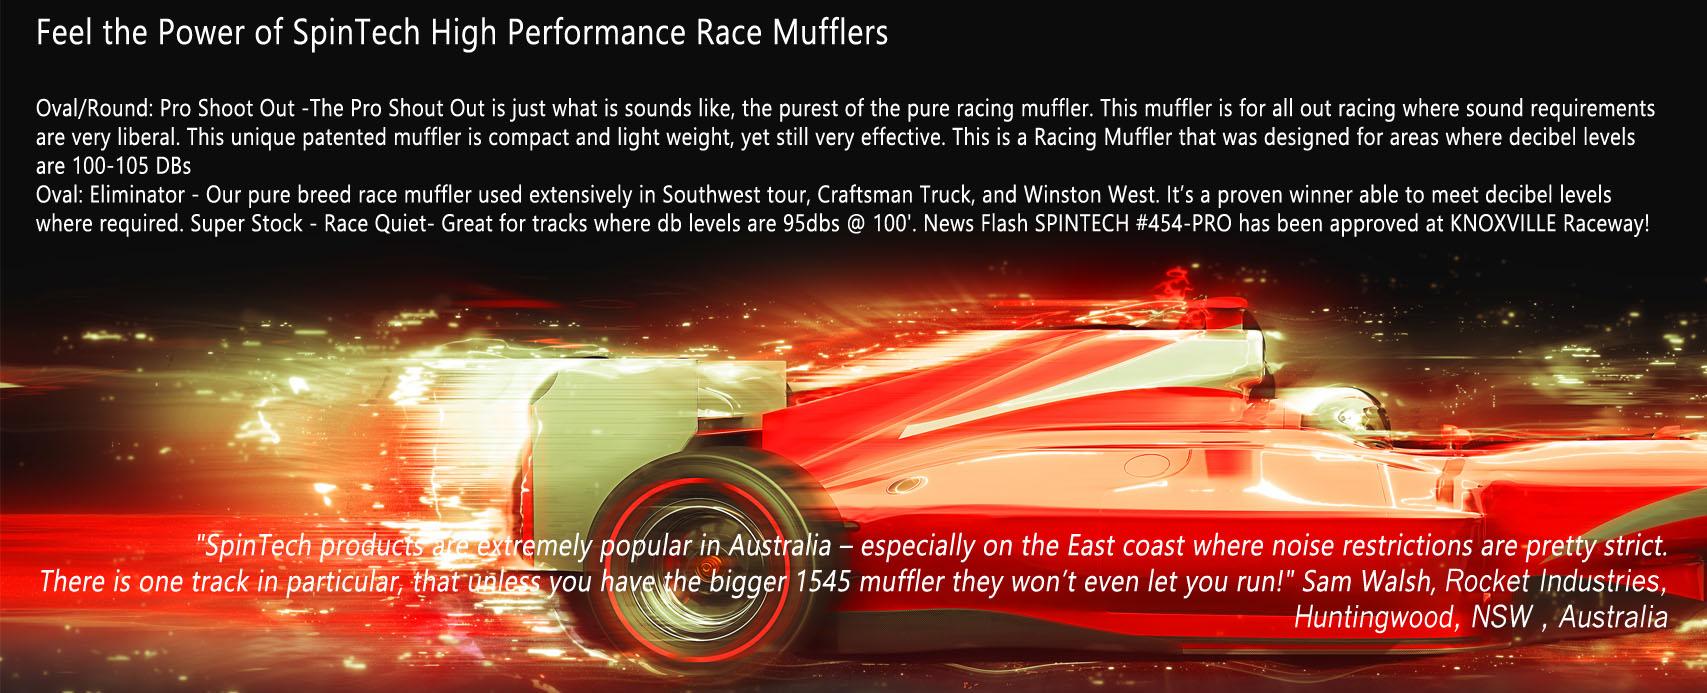 SpinTech Race Mufflers